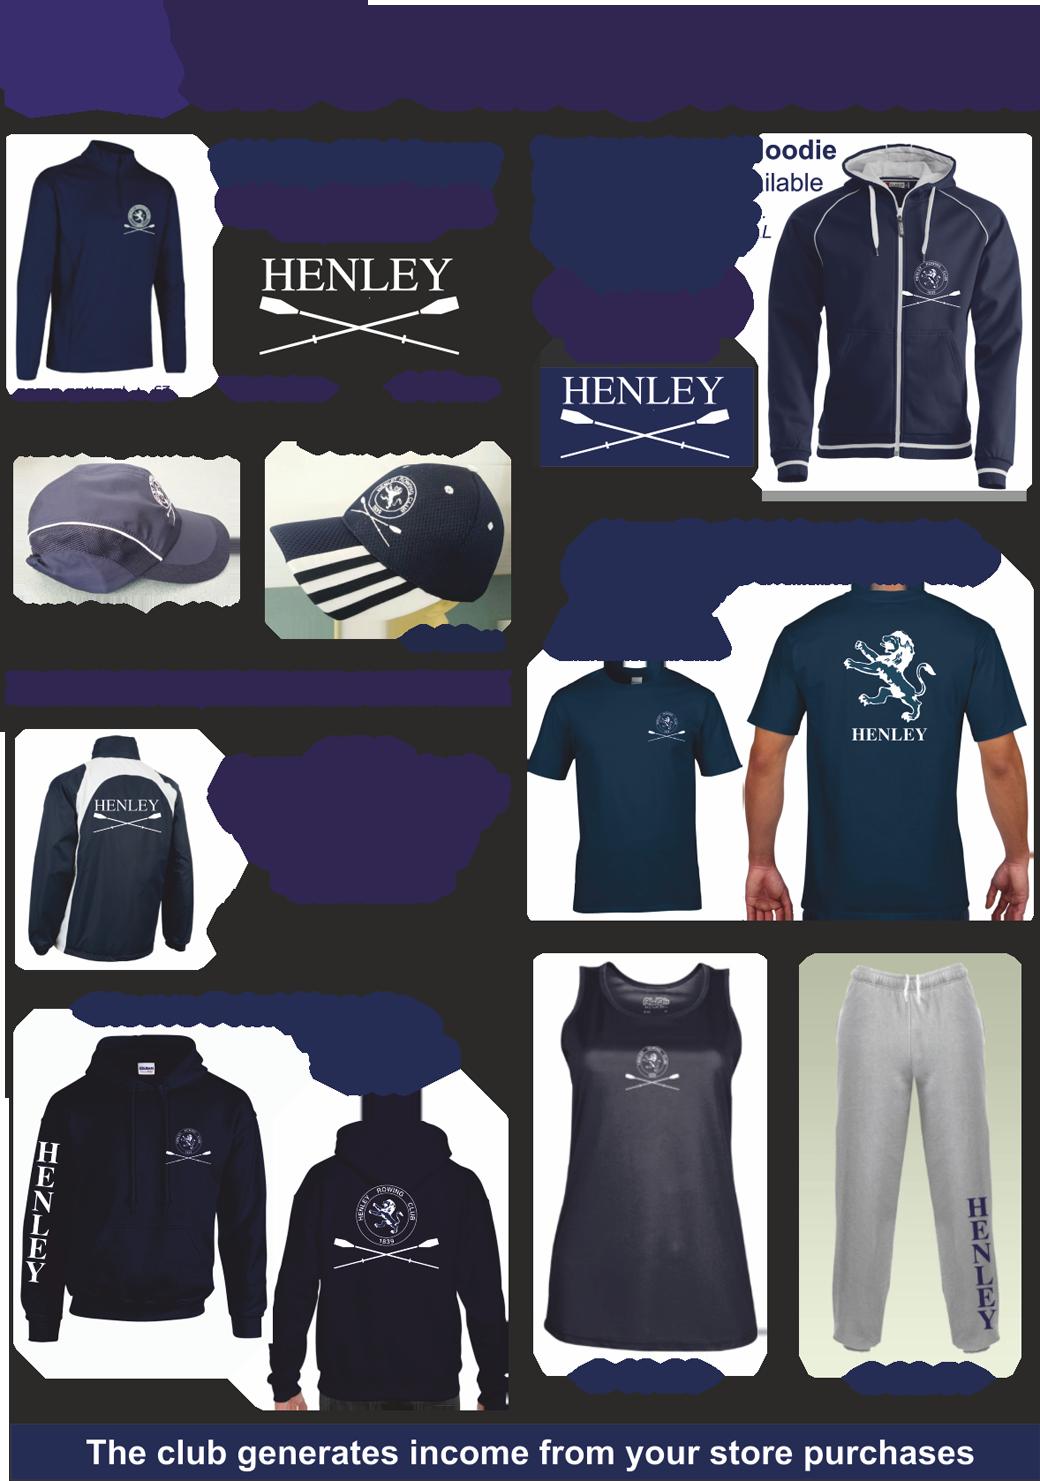 henley rowing shirt